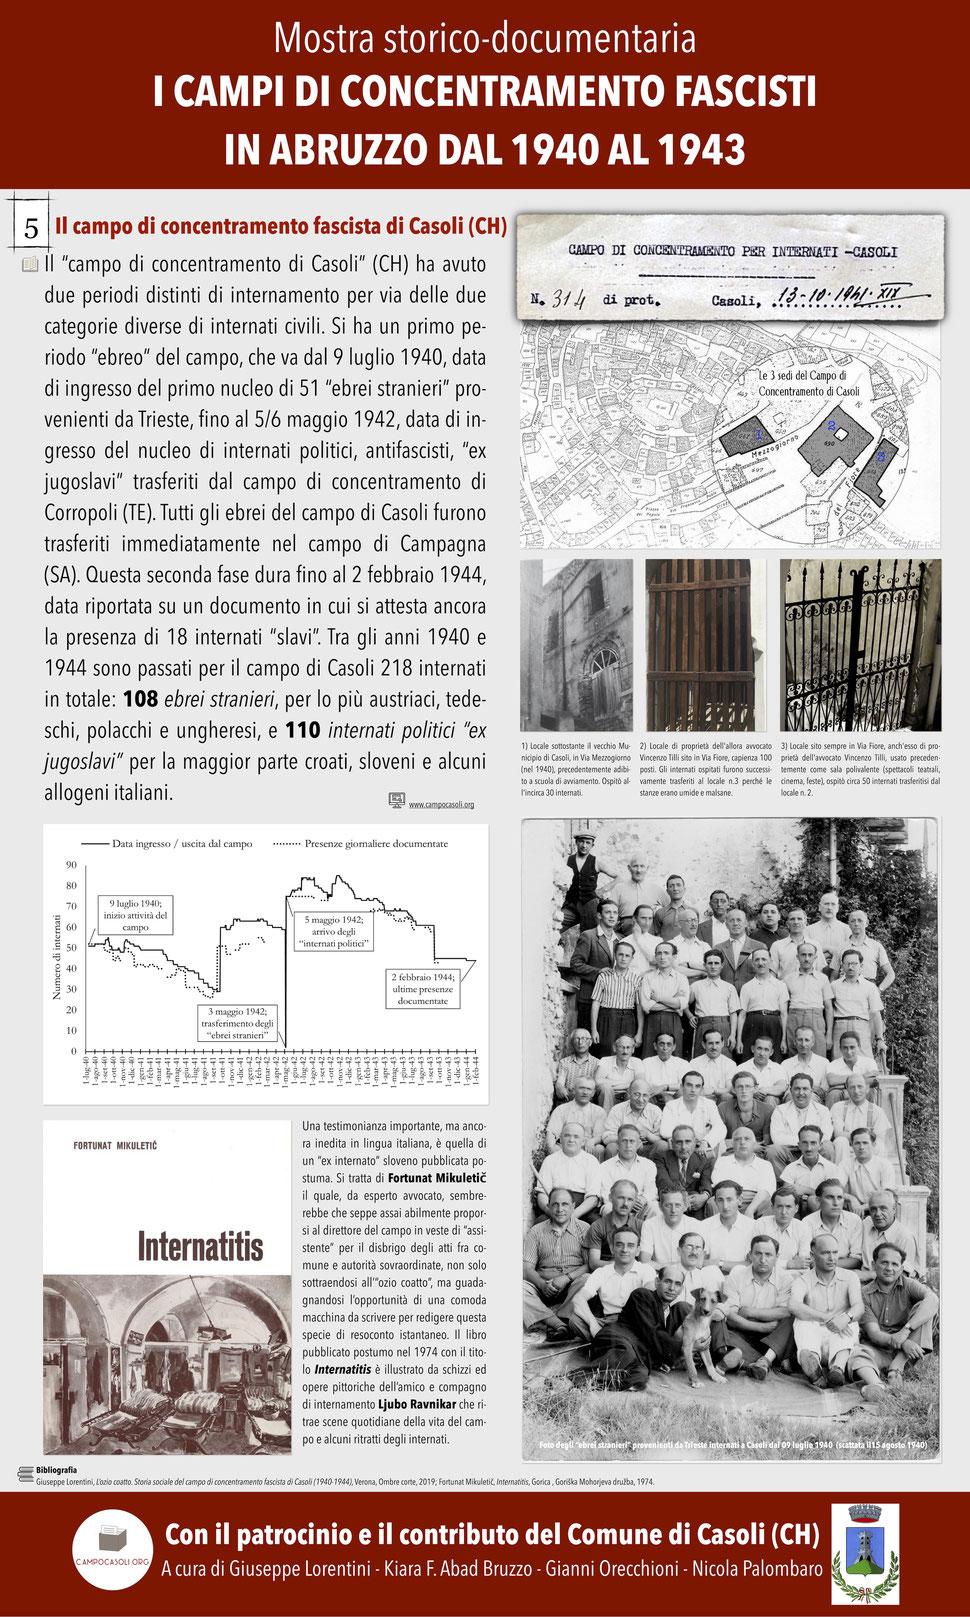 5. Il campo di concentramento fascista di Casoli (CH)